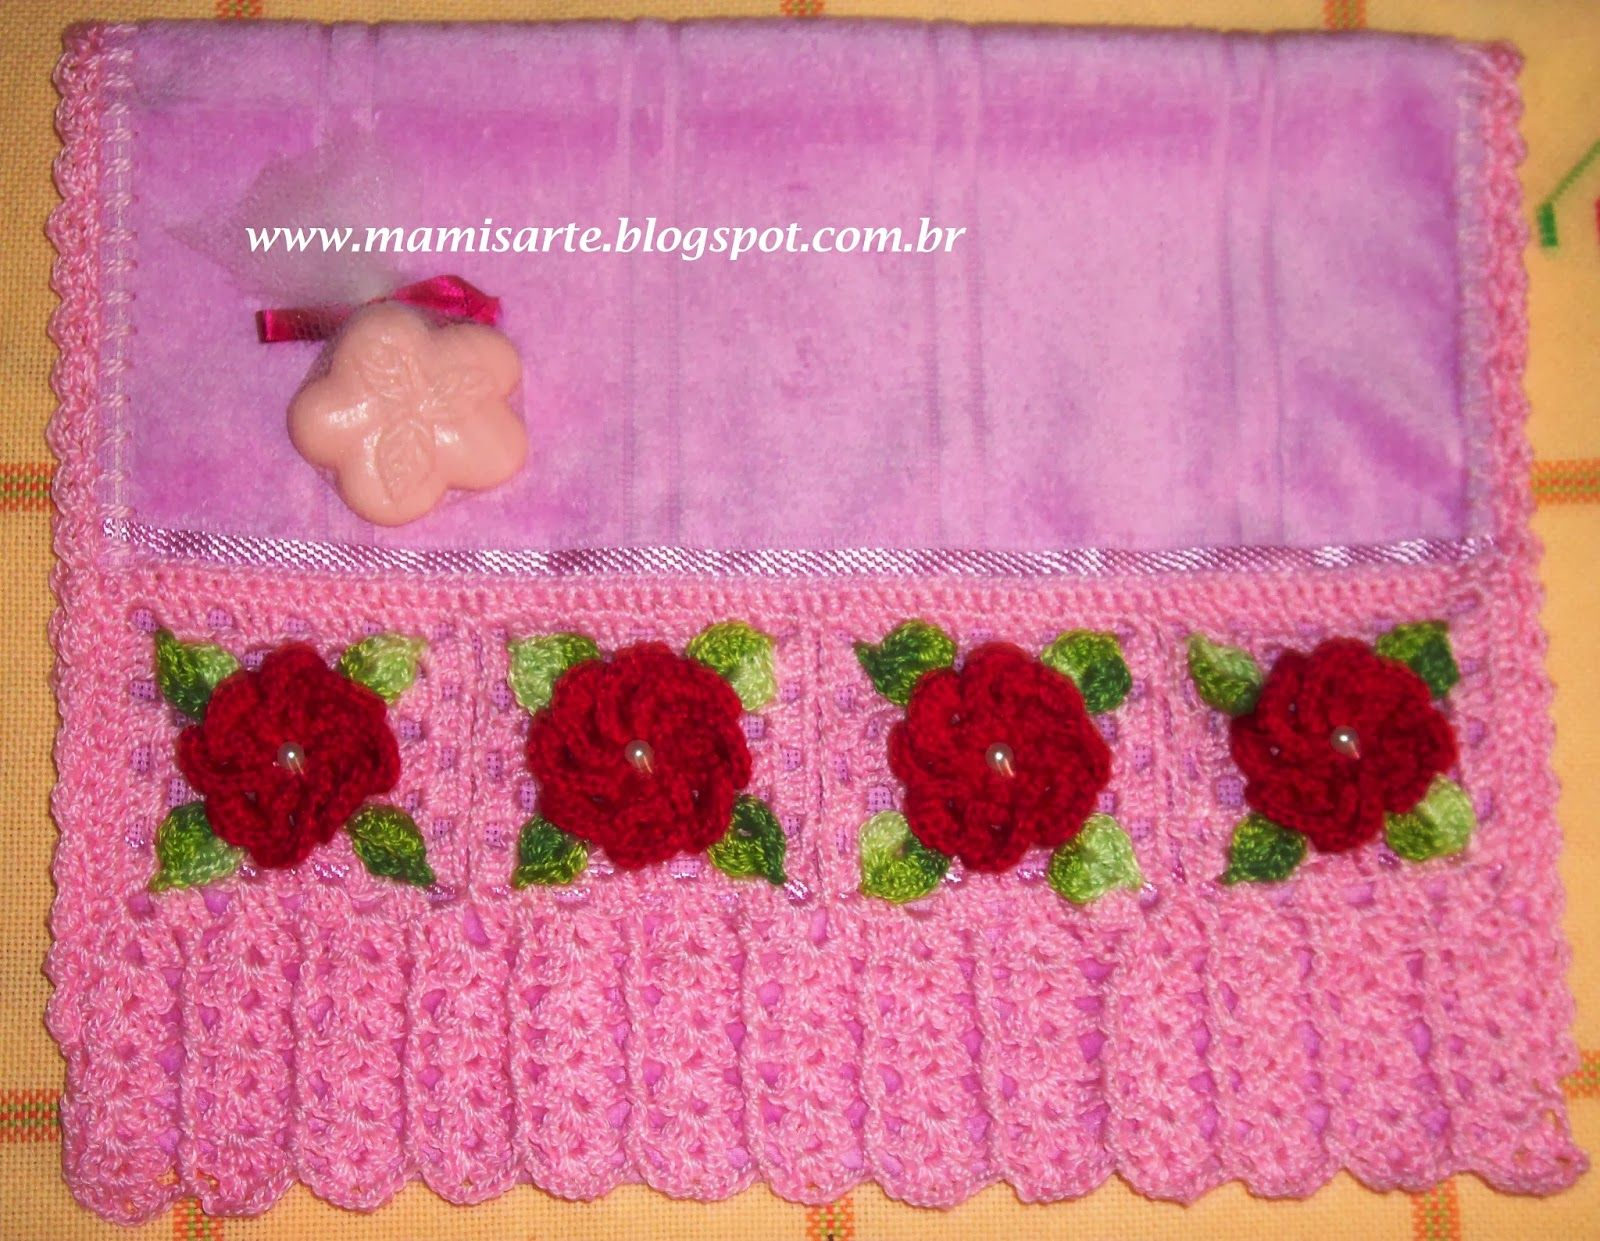 Crochet et Tricot da Mamis: Passo a Passo - Toalha de Lavabo com Barrado